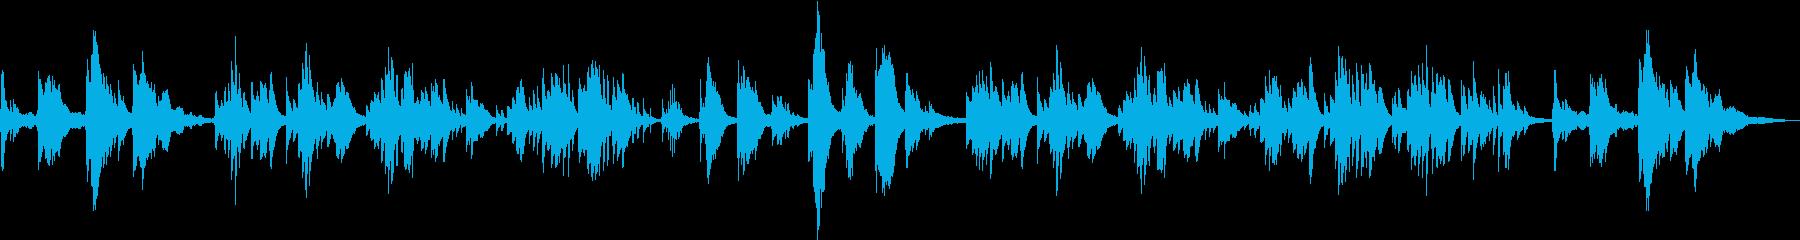 叙情的で切ない透明なピアノアンビエントの再生済みの波形